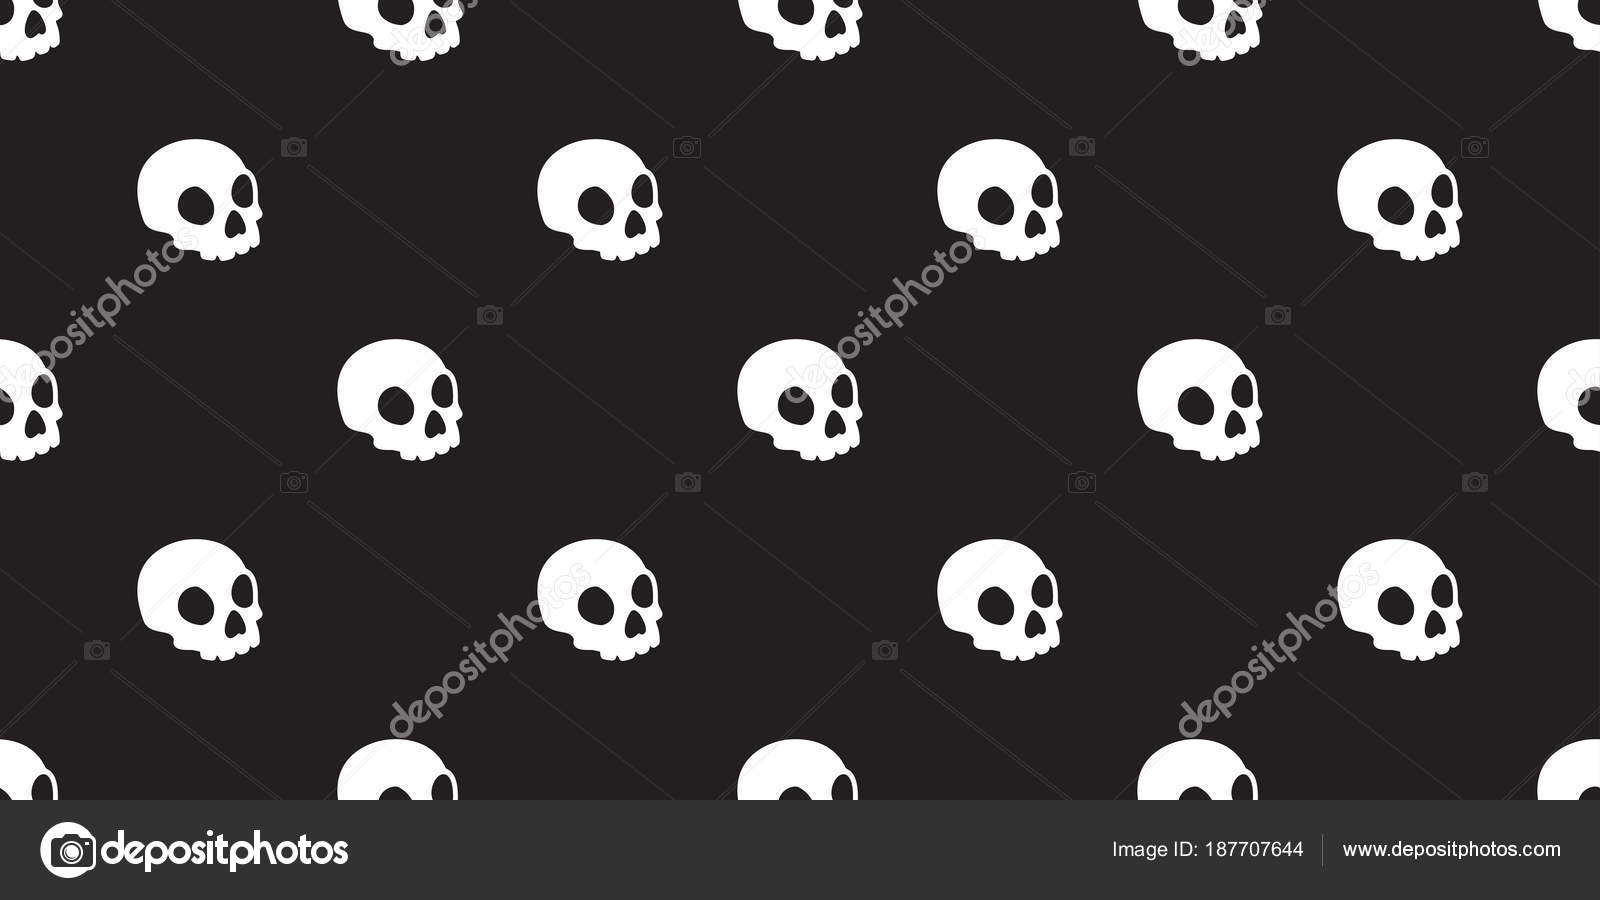 Halloween Skeleton Wallpaper.Wallpaper Skeleton Skull Seamless Pattern Halloween